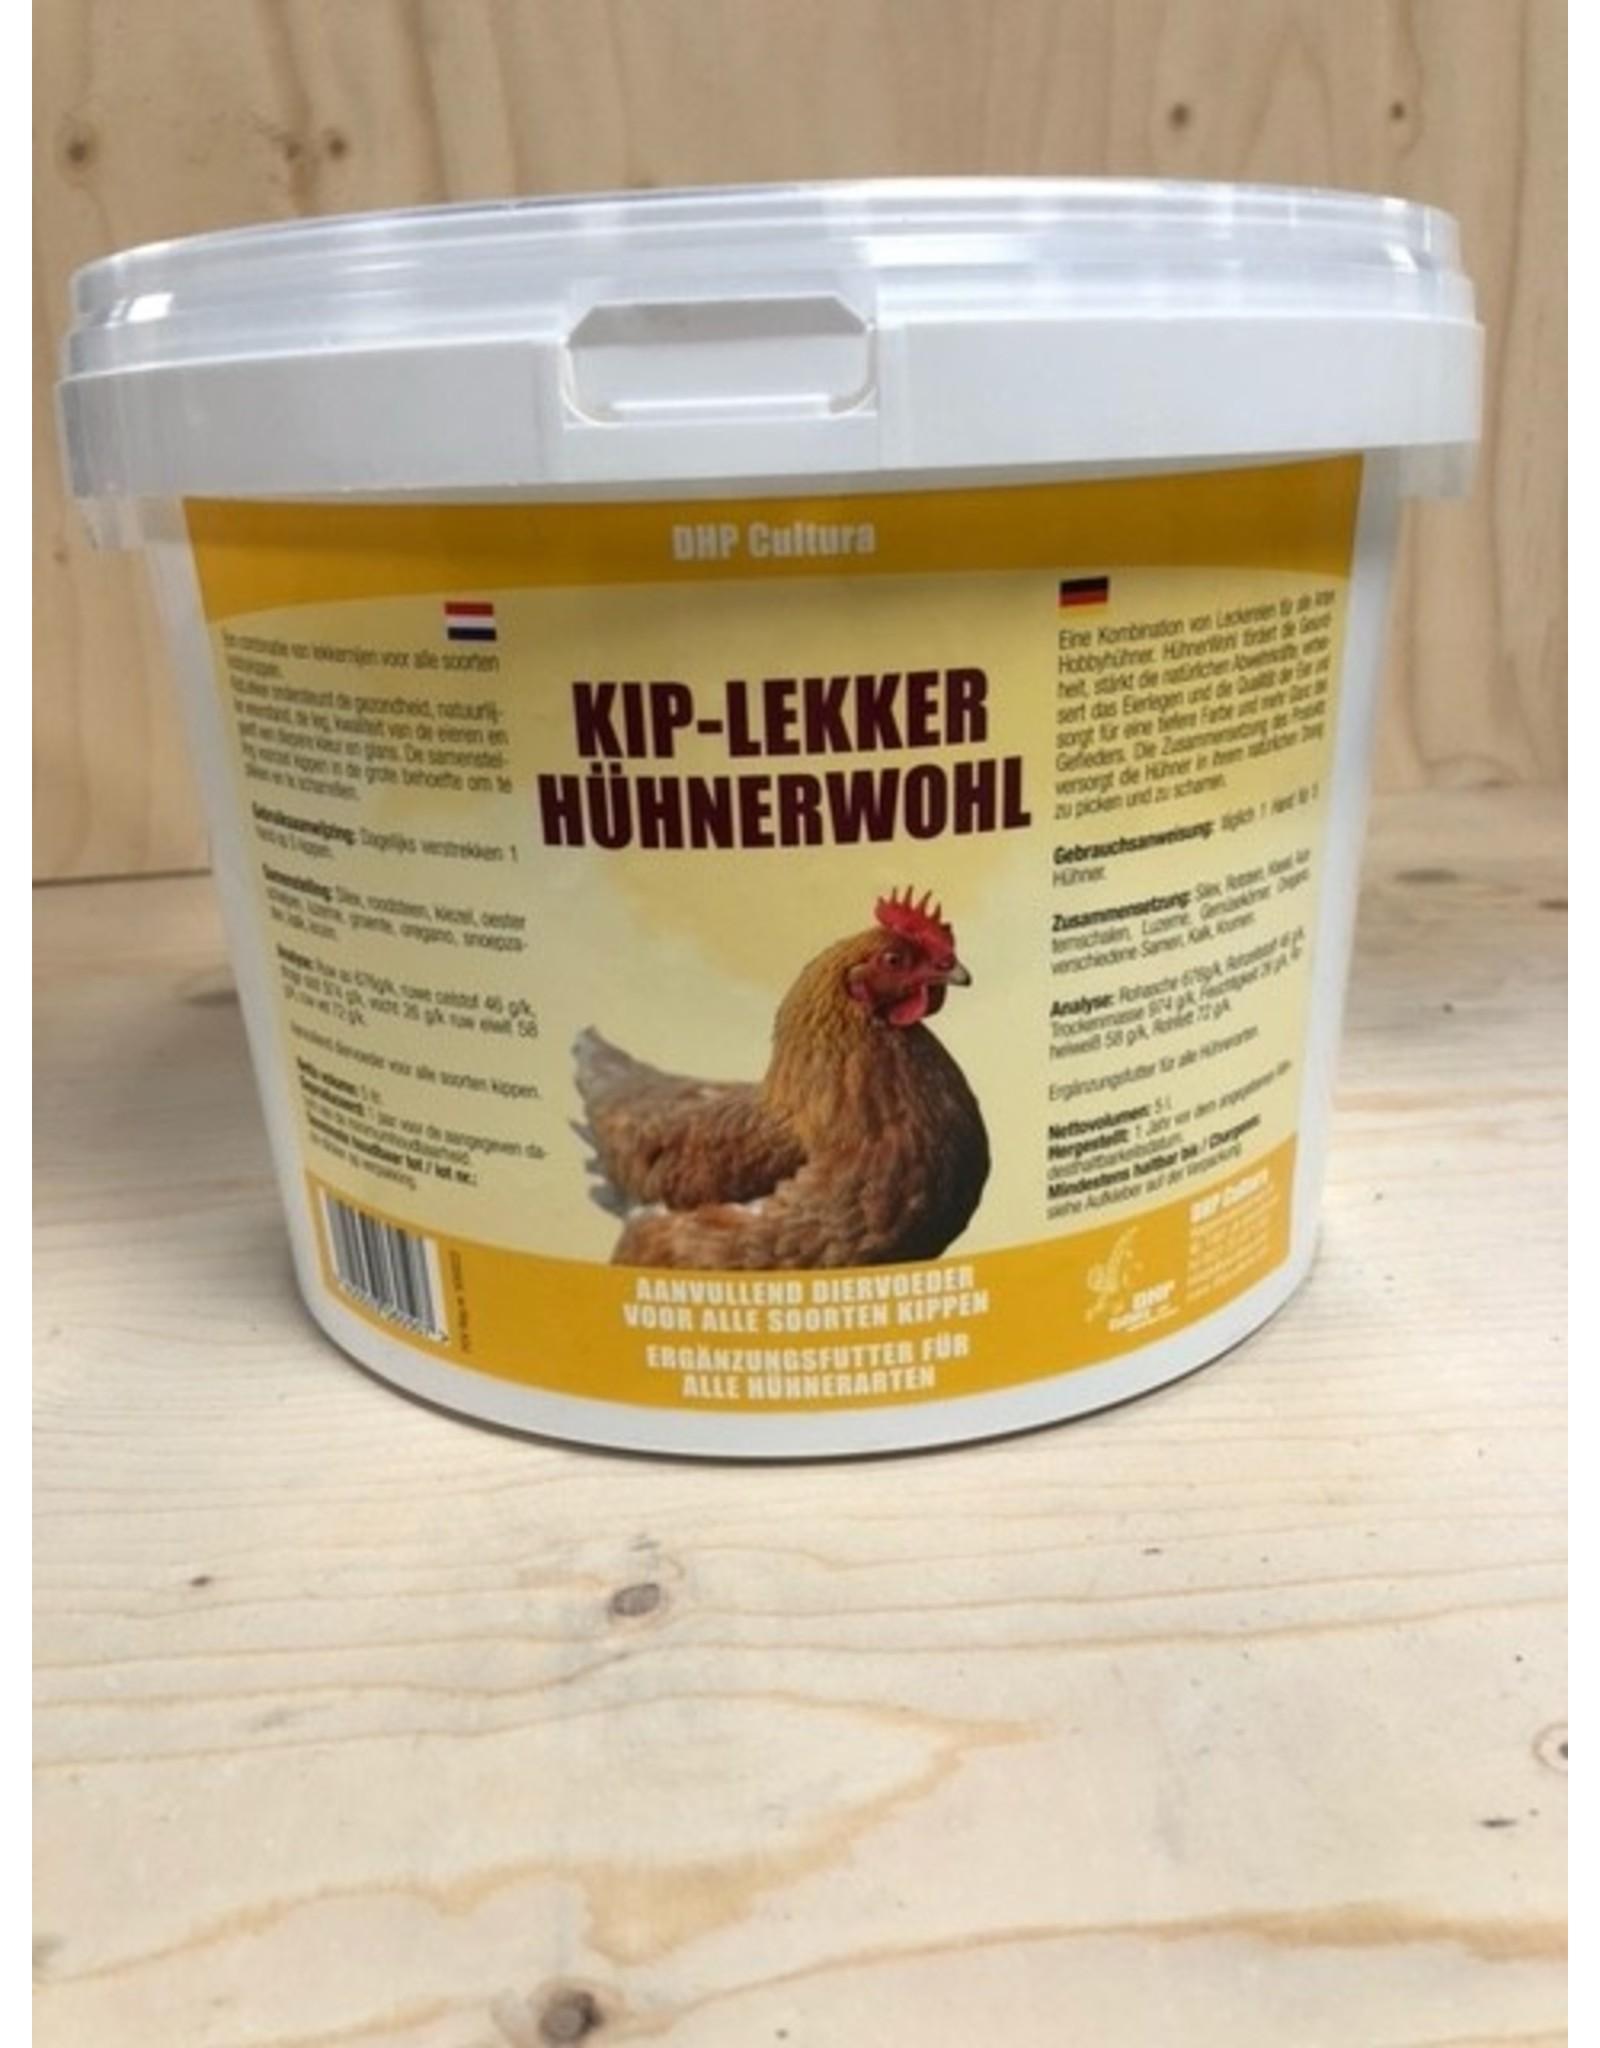 Kip - Lekker 5 liter